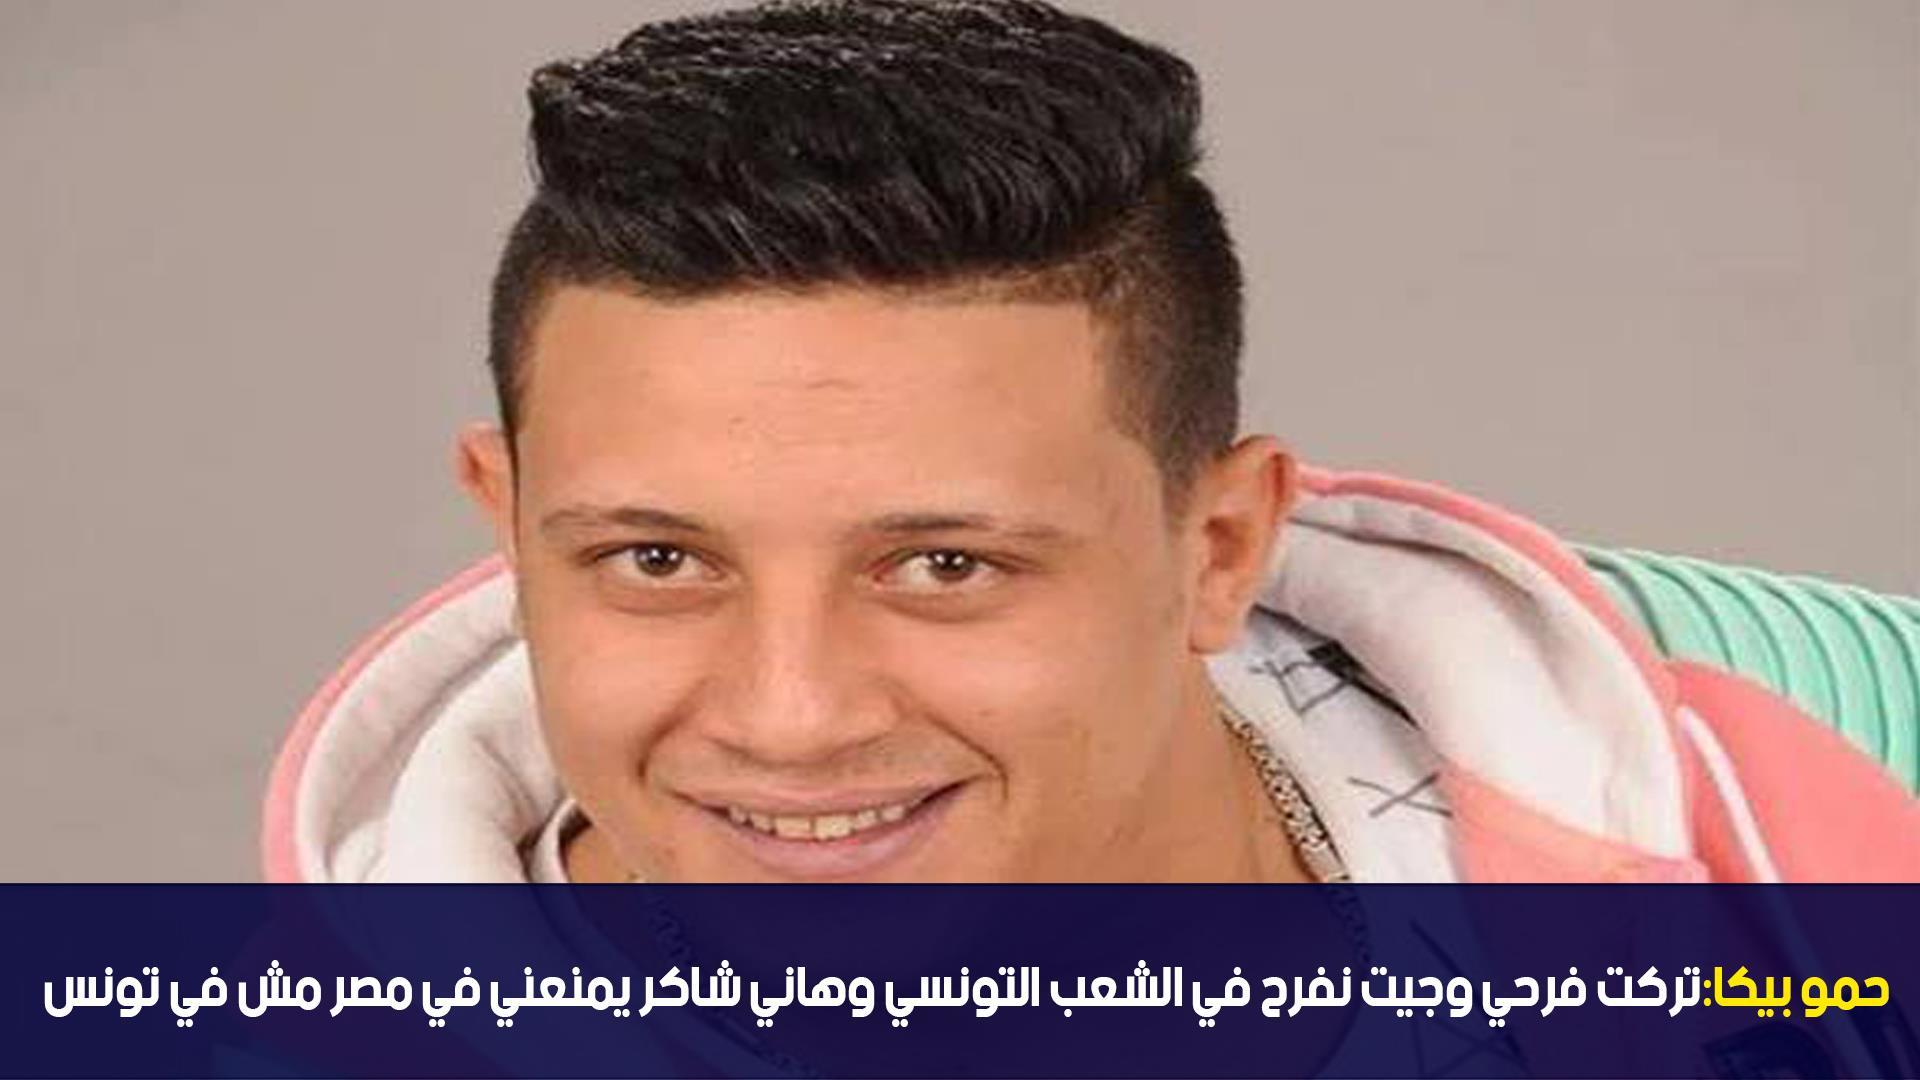 حمو بيكا:تركت فرحي وجيت نفرح في الشعب التونسي وهاني شاكر يمنعني في مصر مش في تونس